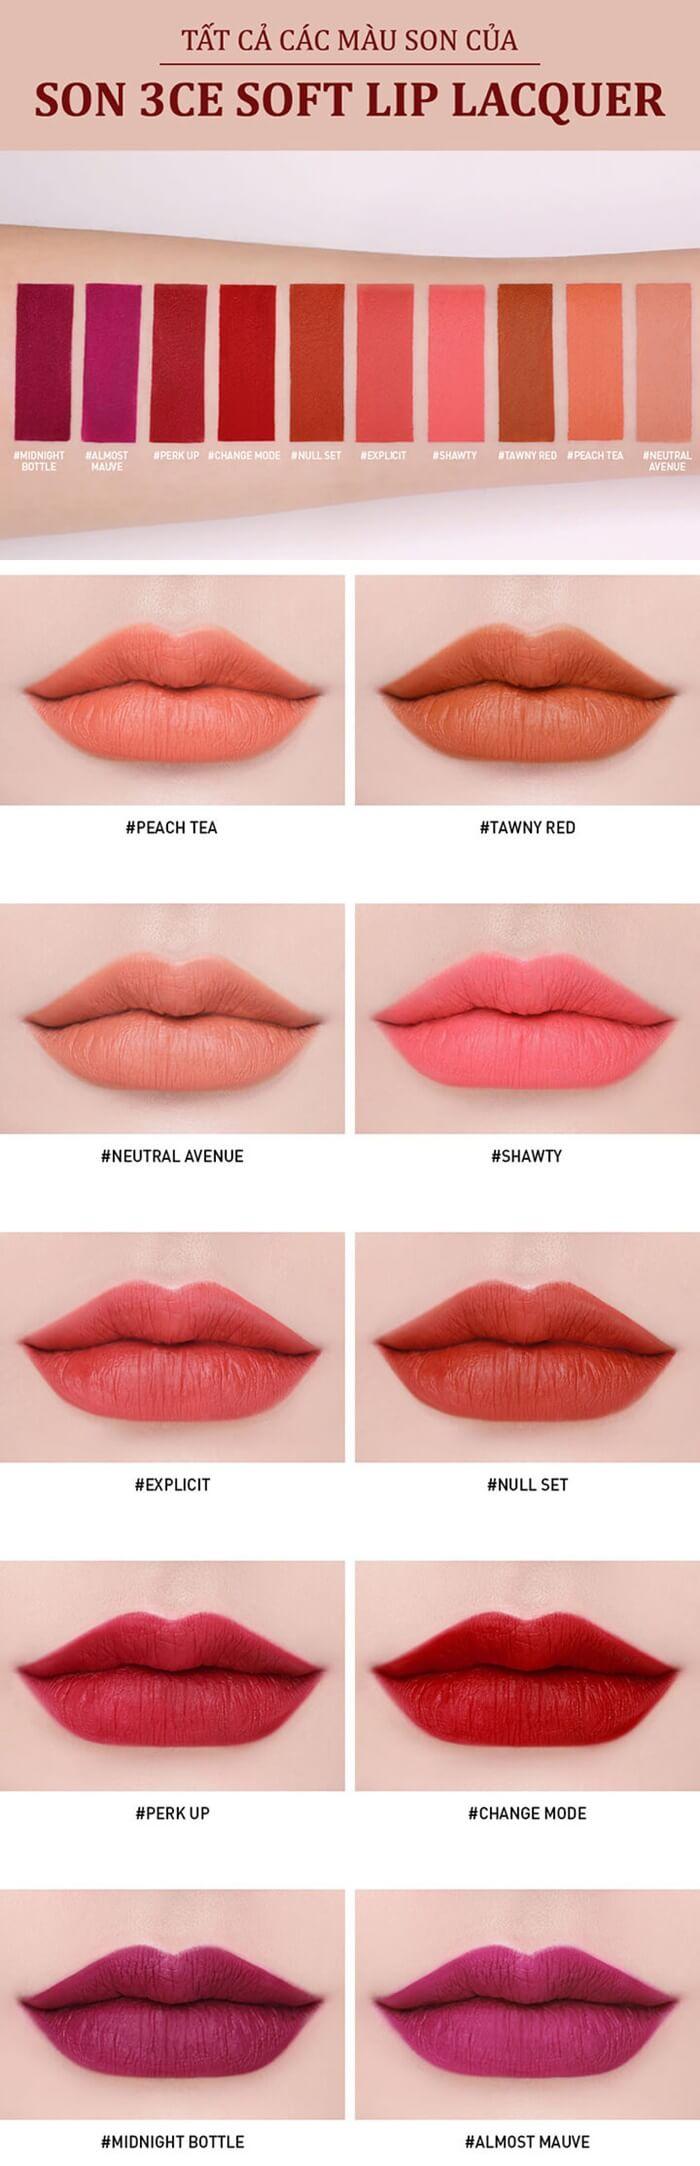 Bảng màu son 3CE Soft Lip Lacquer